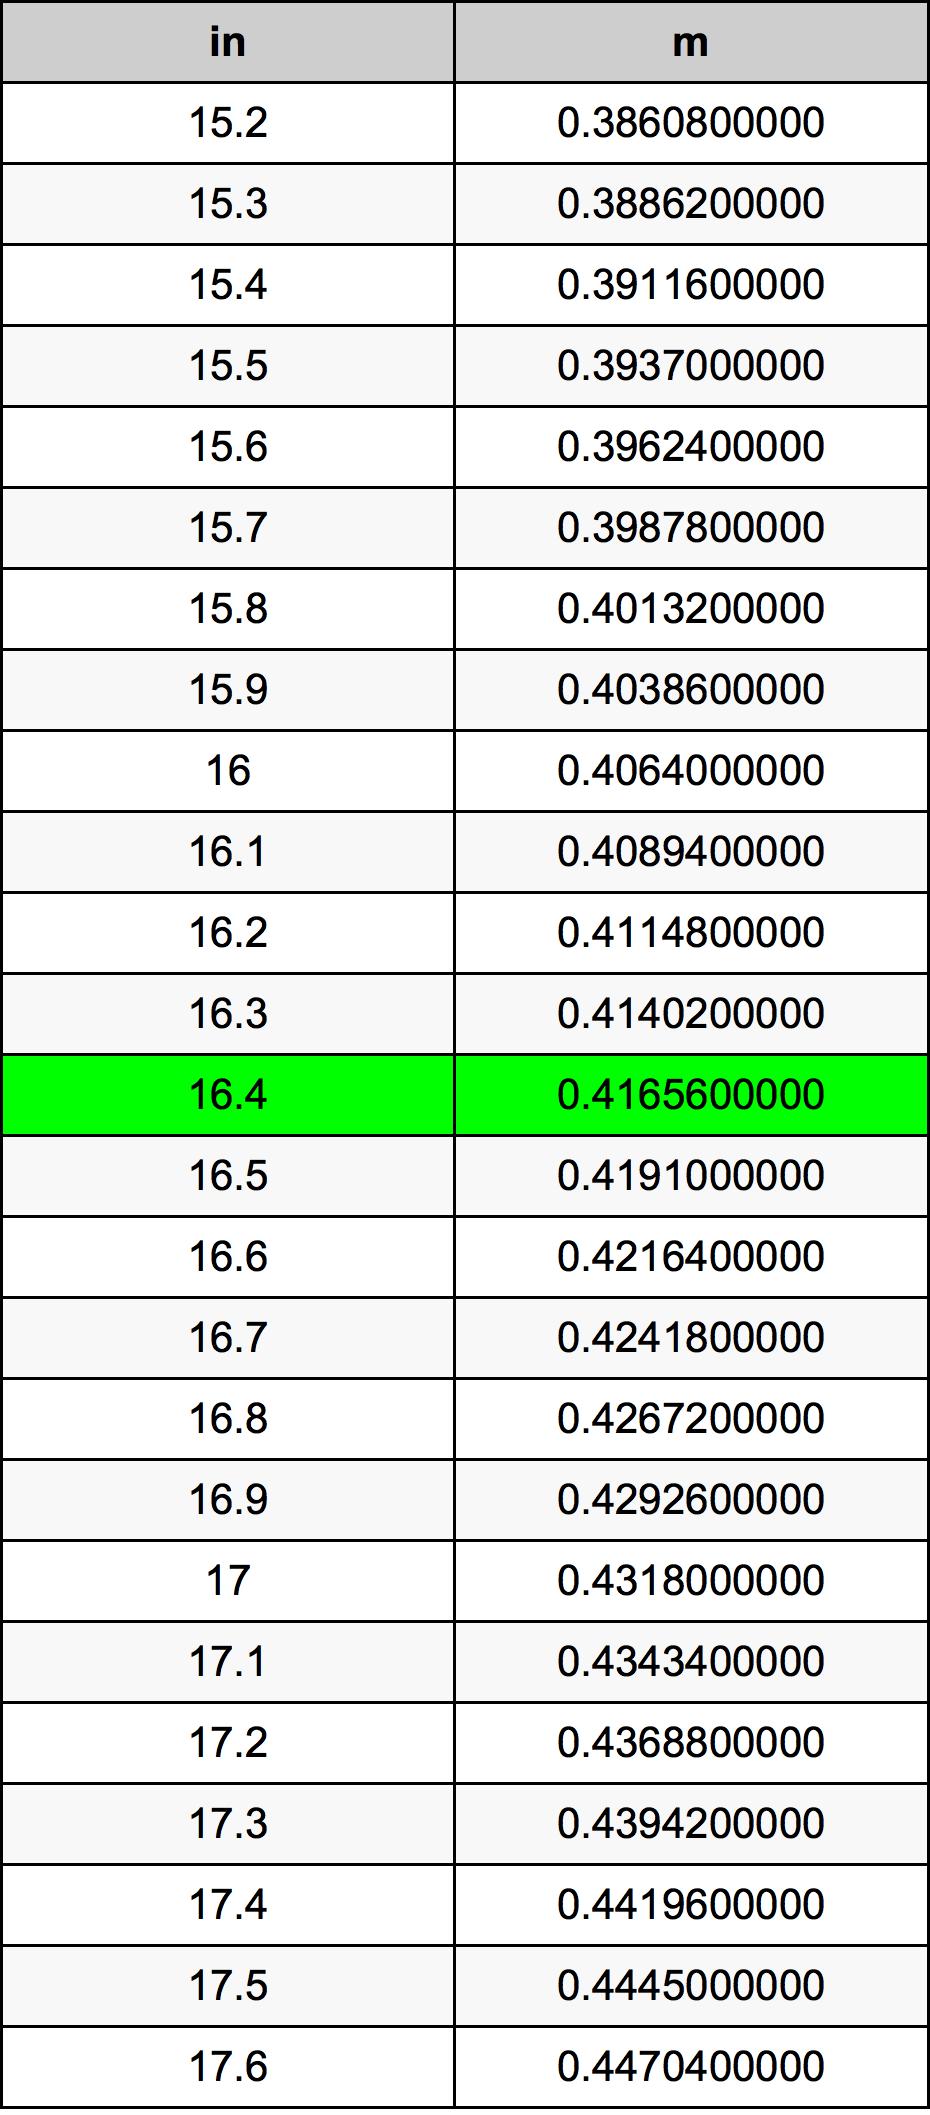 16.4 인치 변환 표